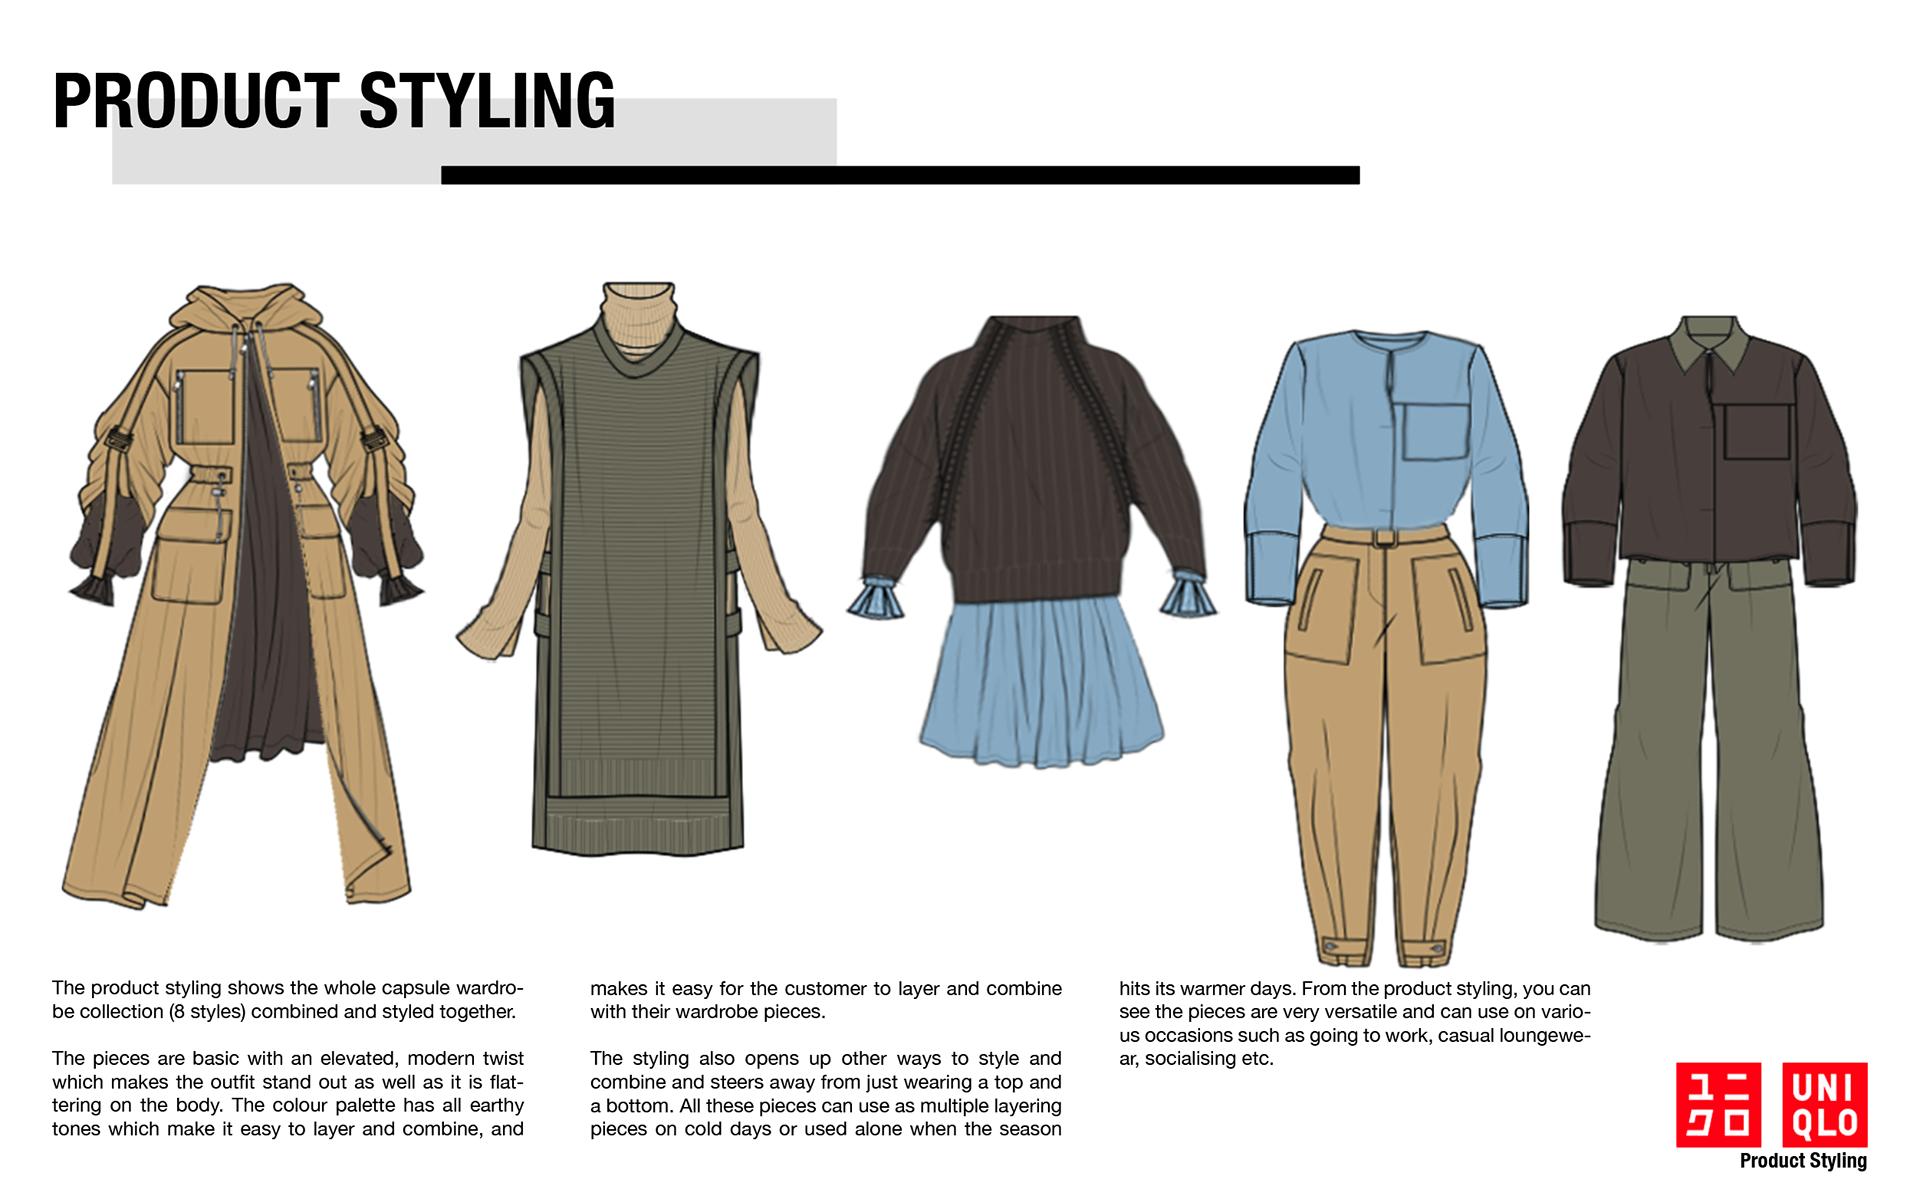 Charmina Rose Kristensen Fashion Design For Uniqlo Cad